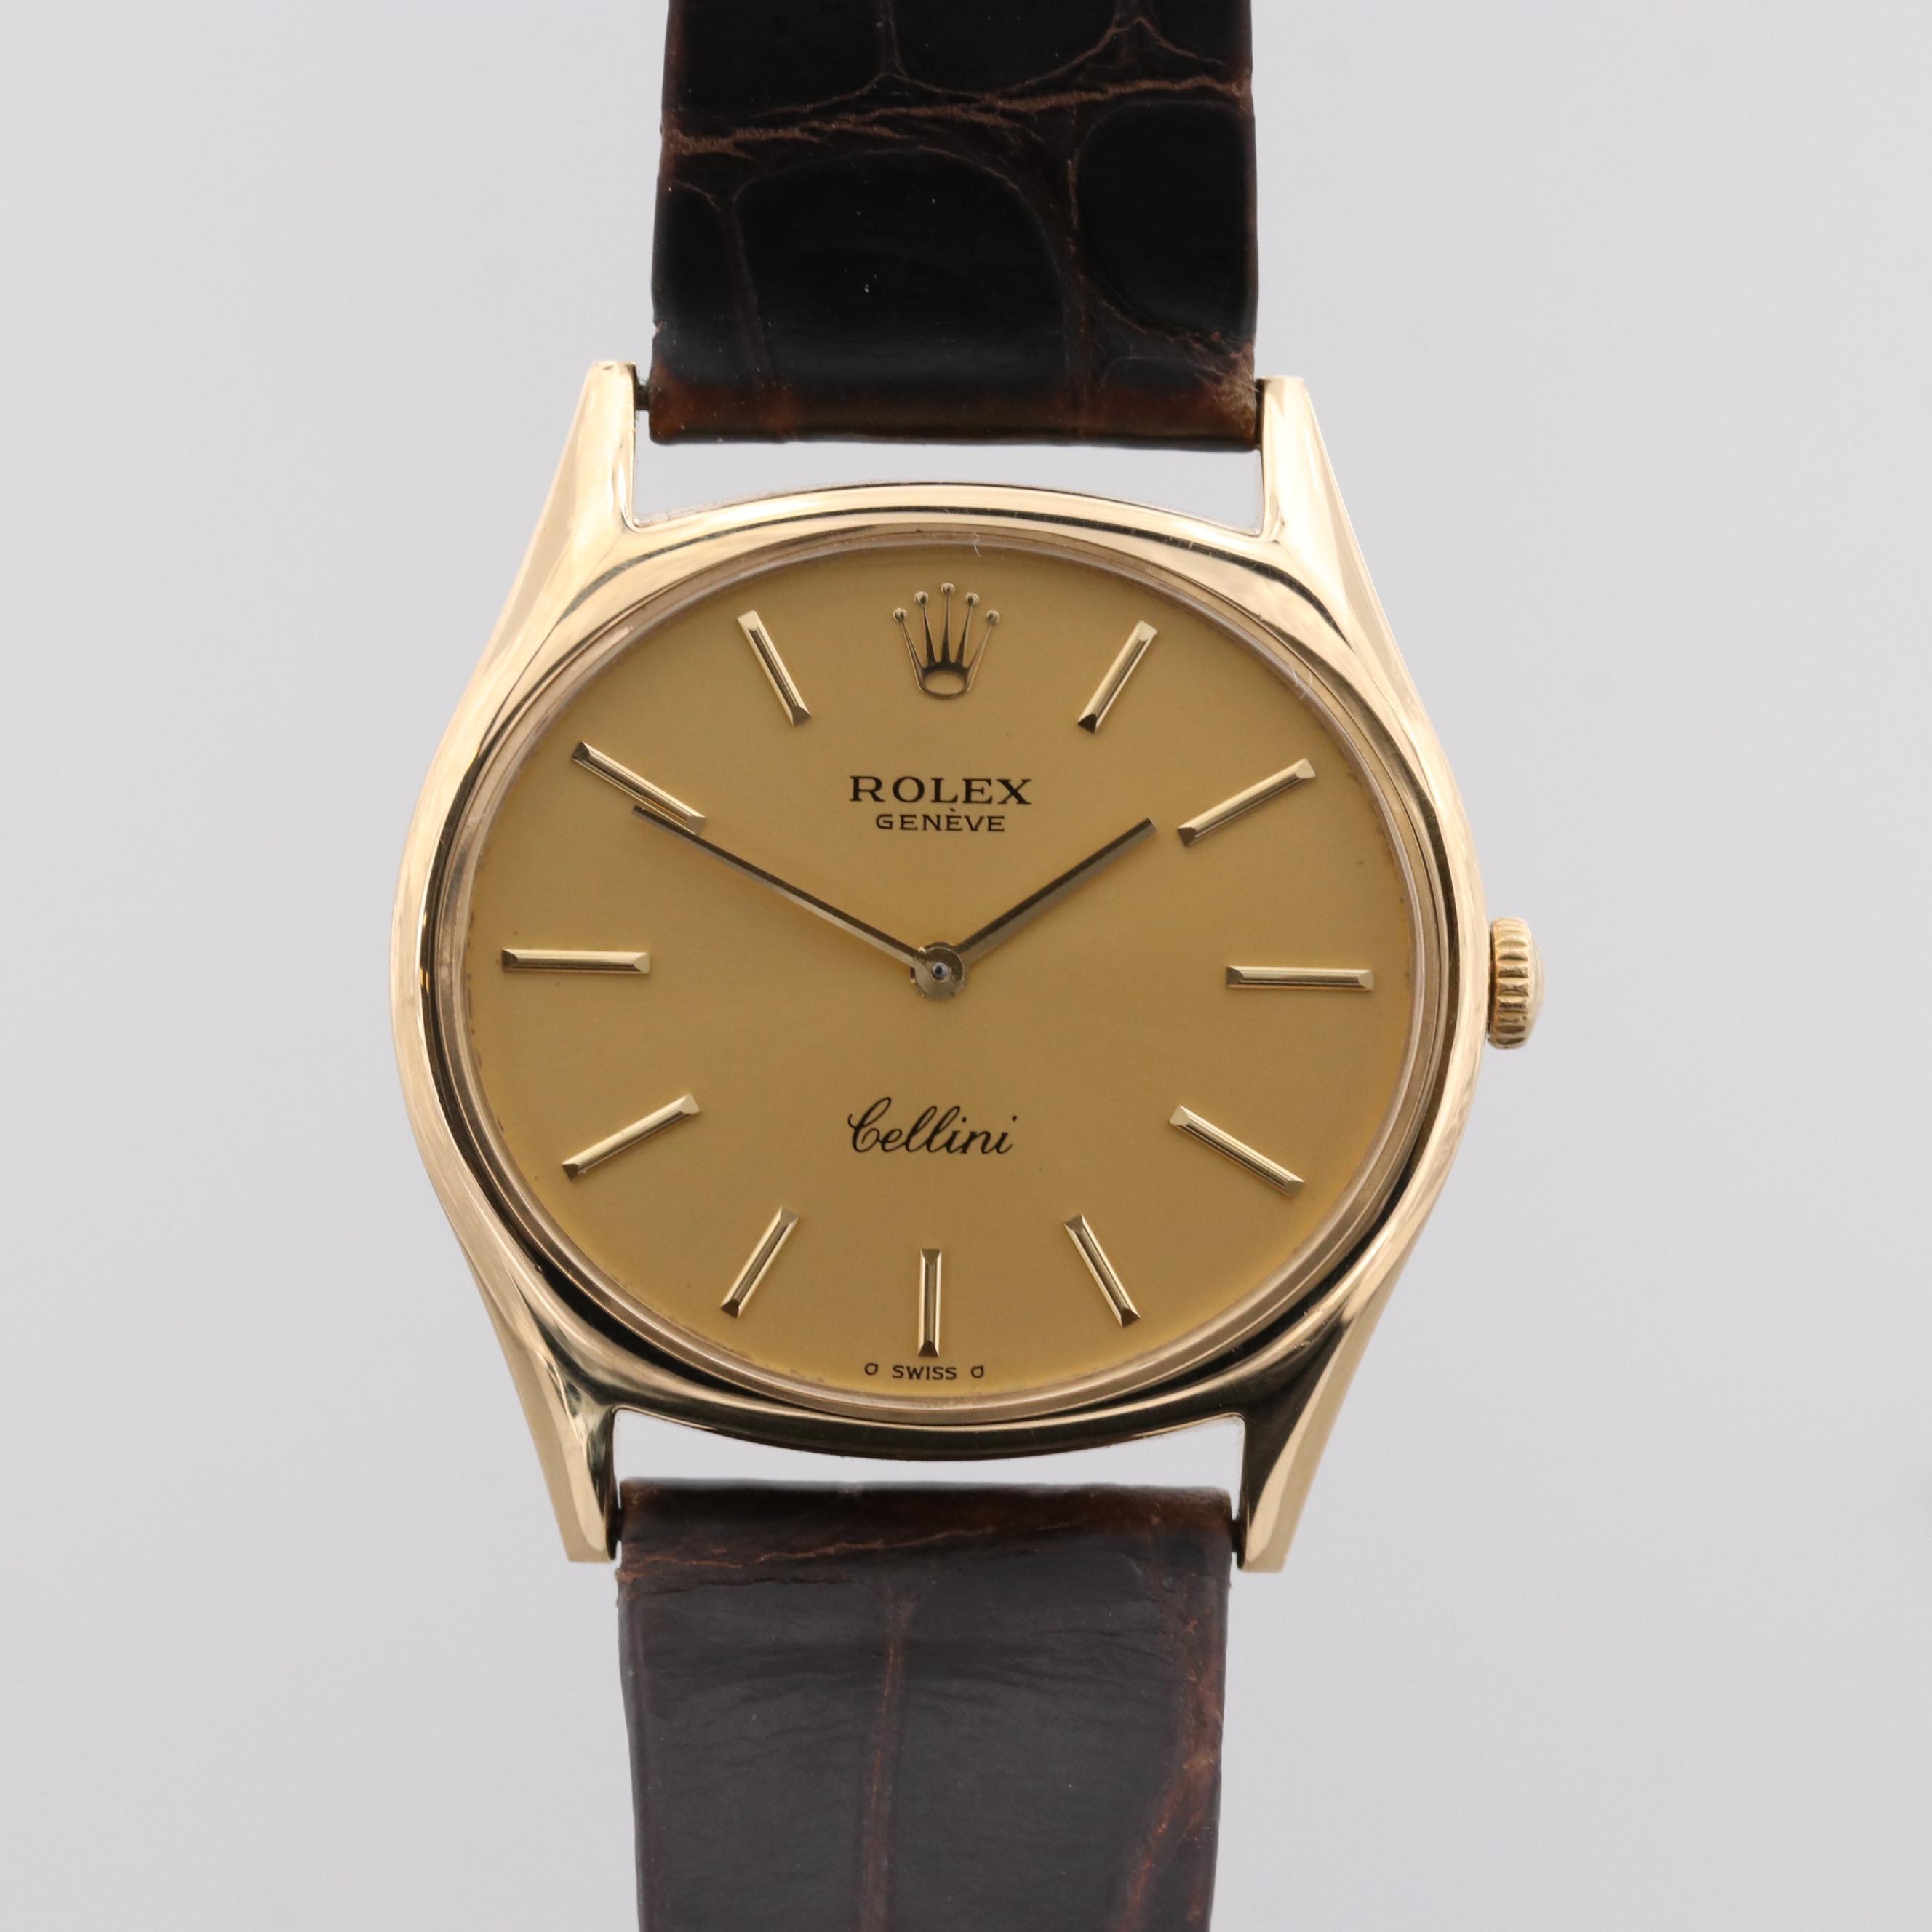 Rolex Cellini 18K Yellow Gold Wristwatch